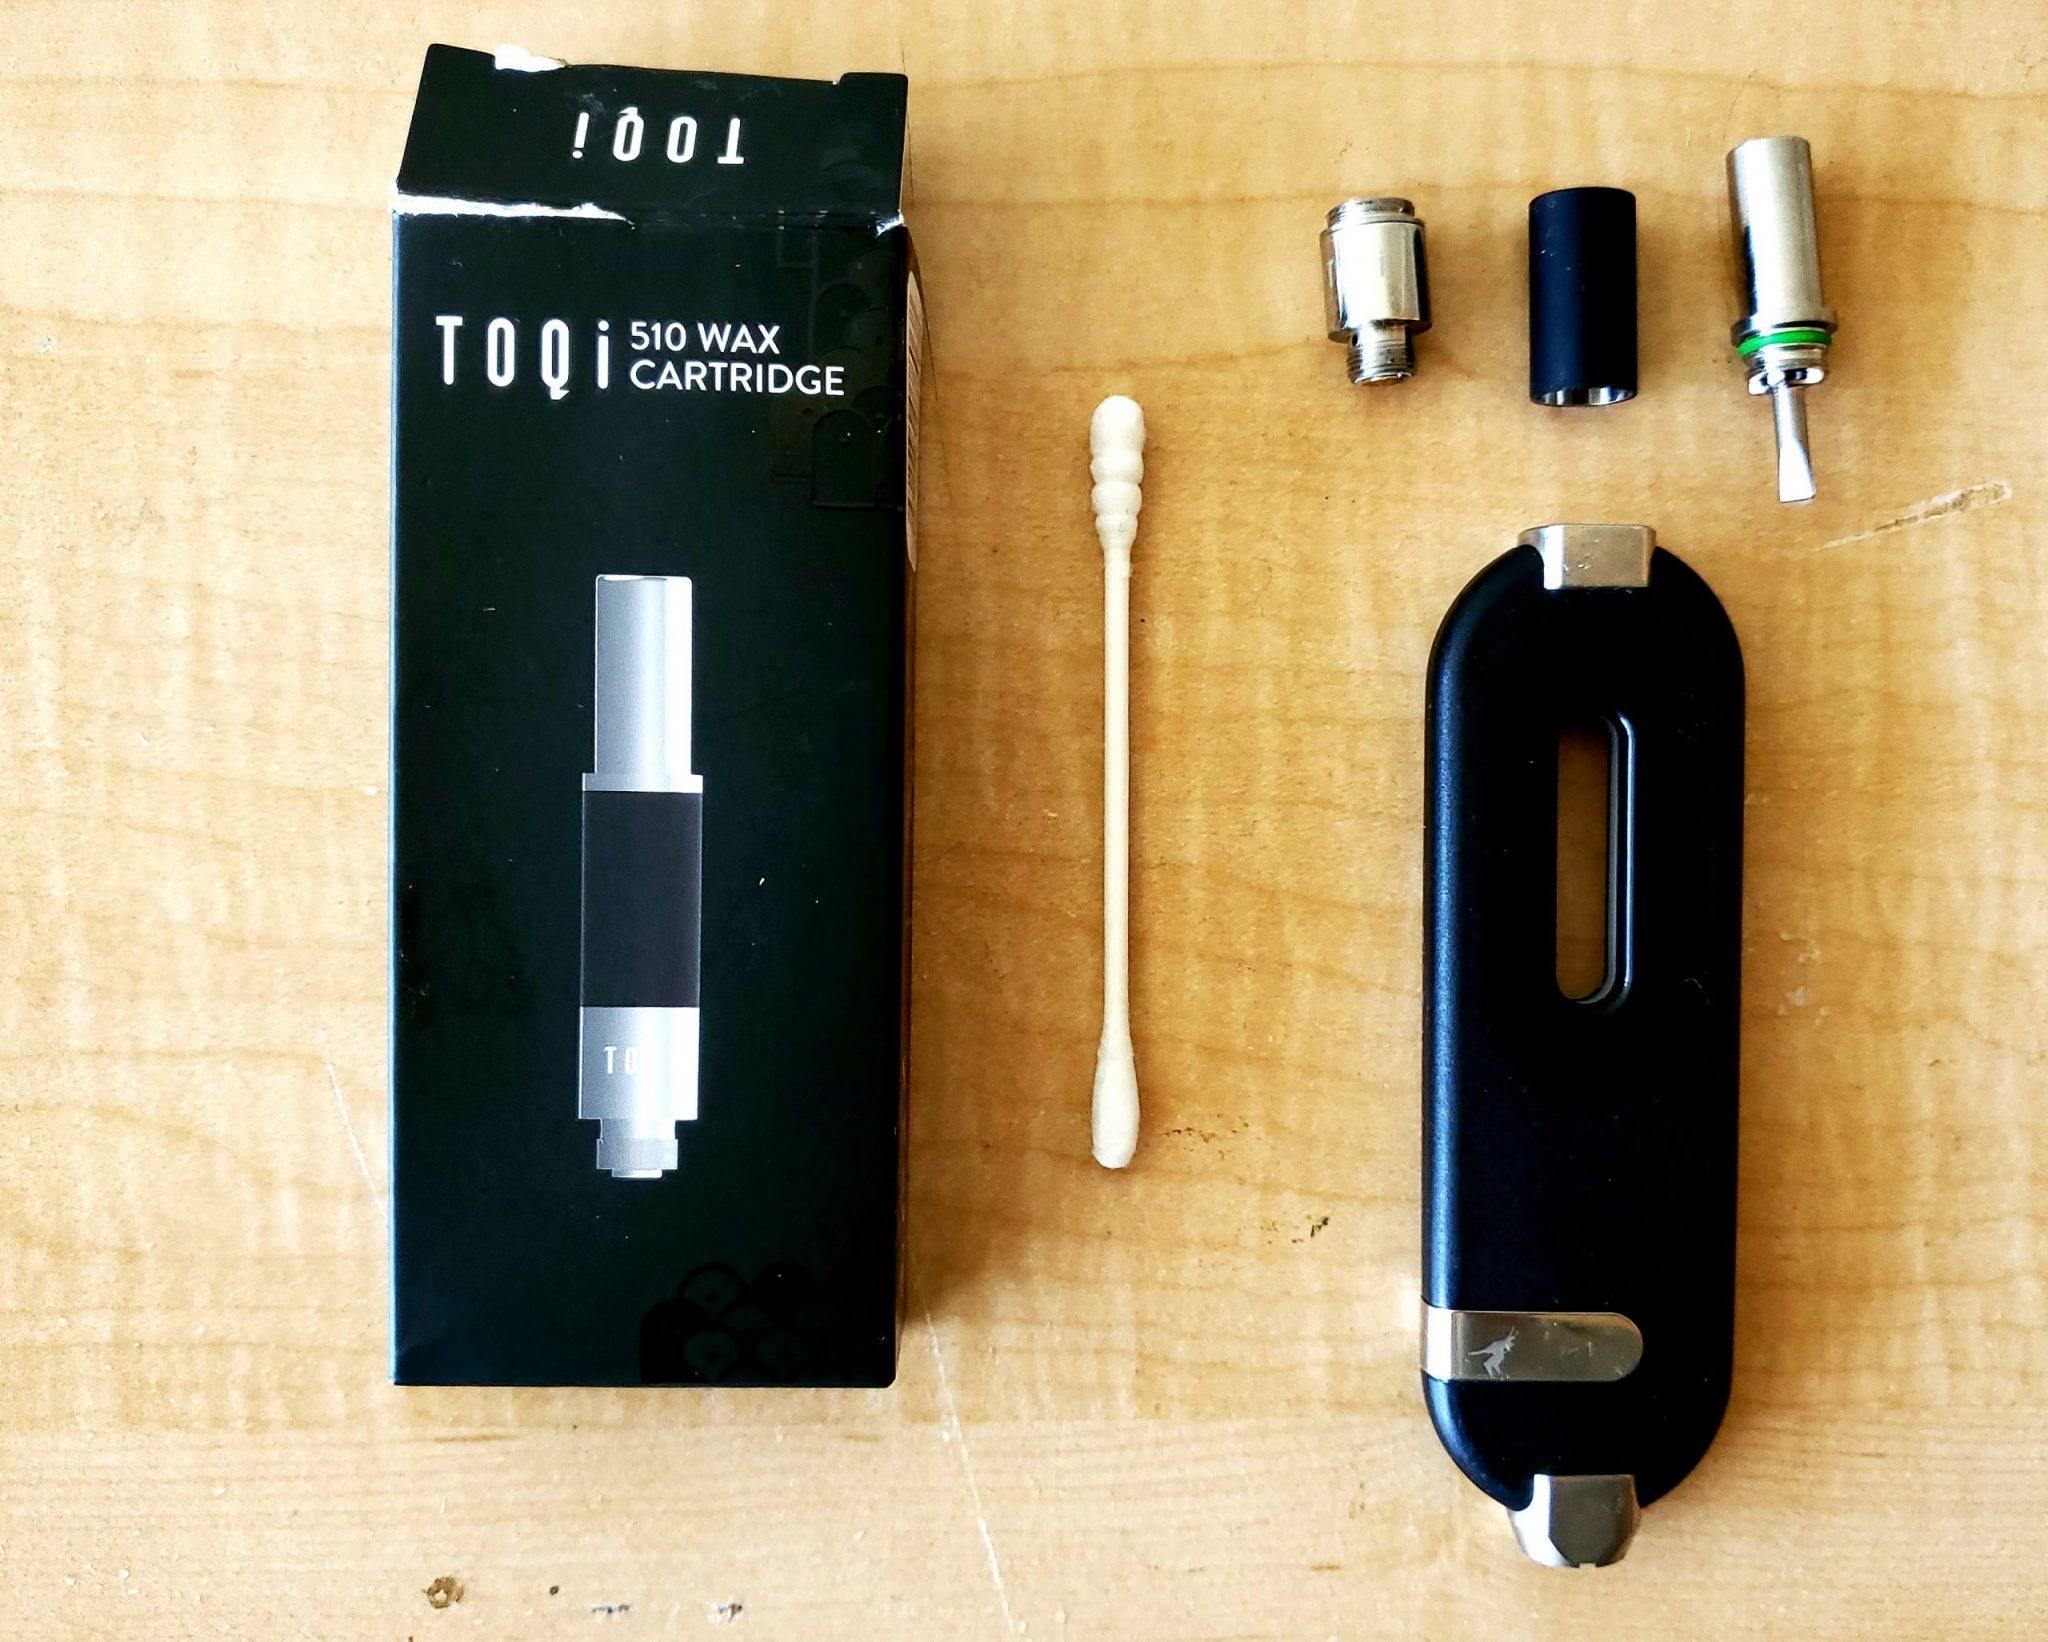 TOQI wax kit